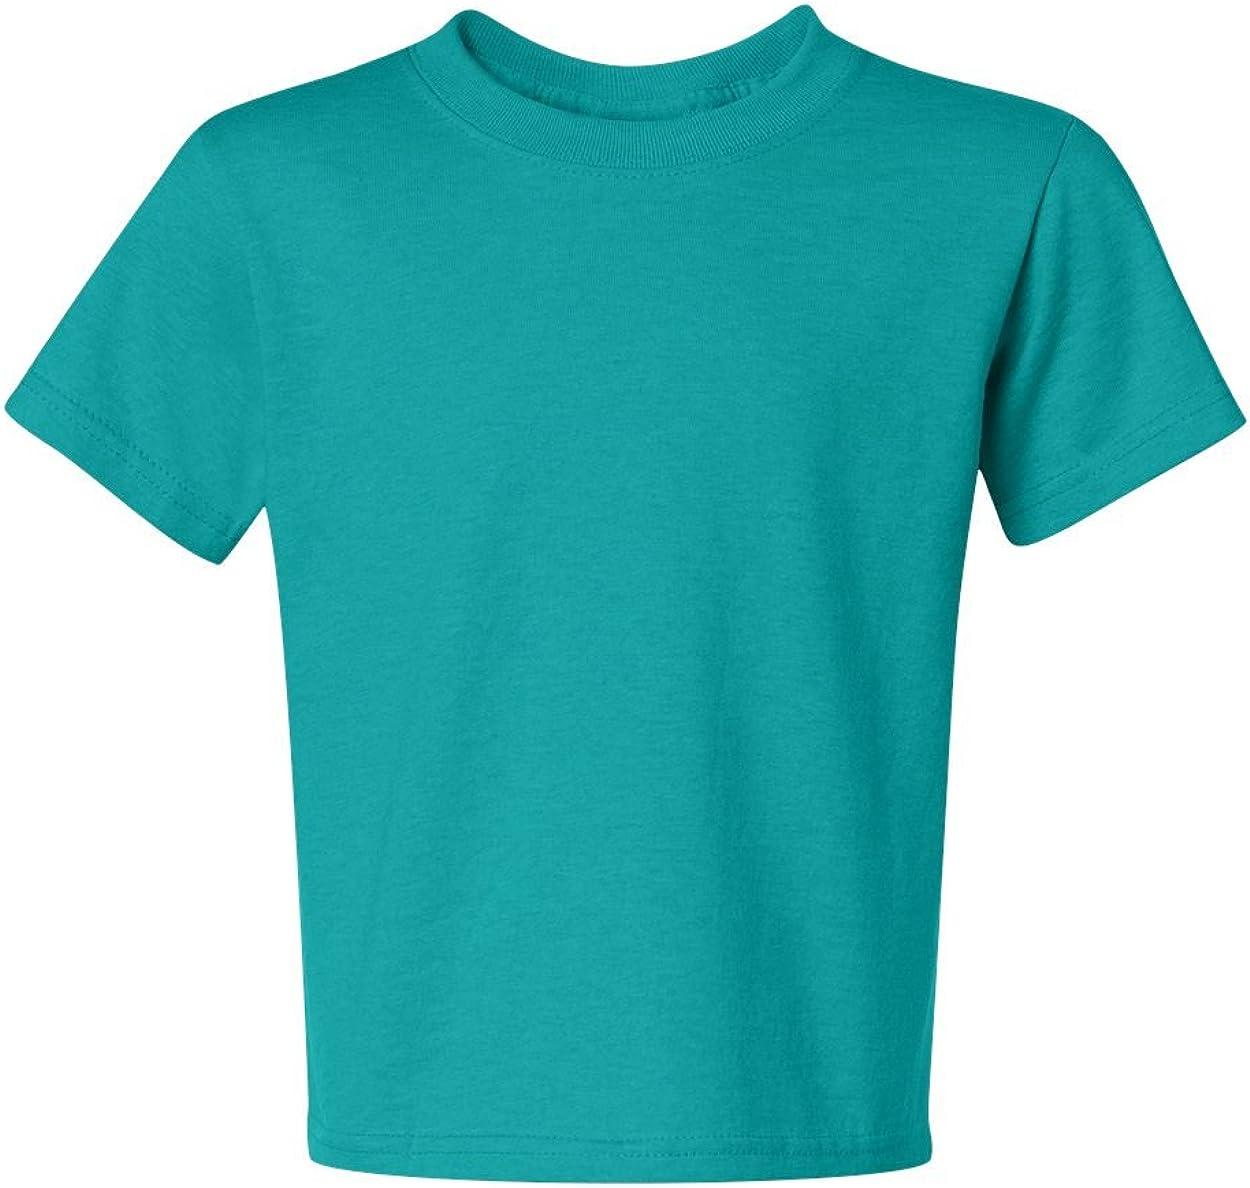 Heavyweight Blend T-Shirt (29B) Jade, L